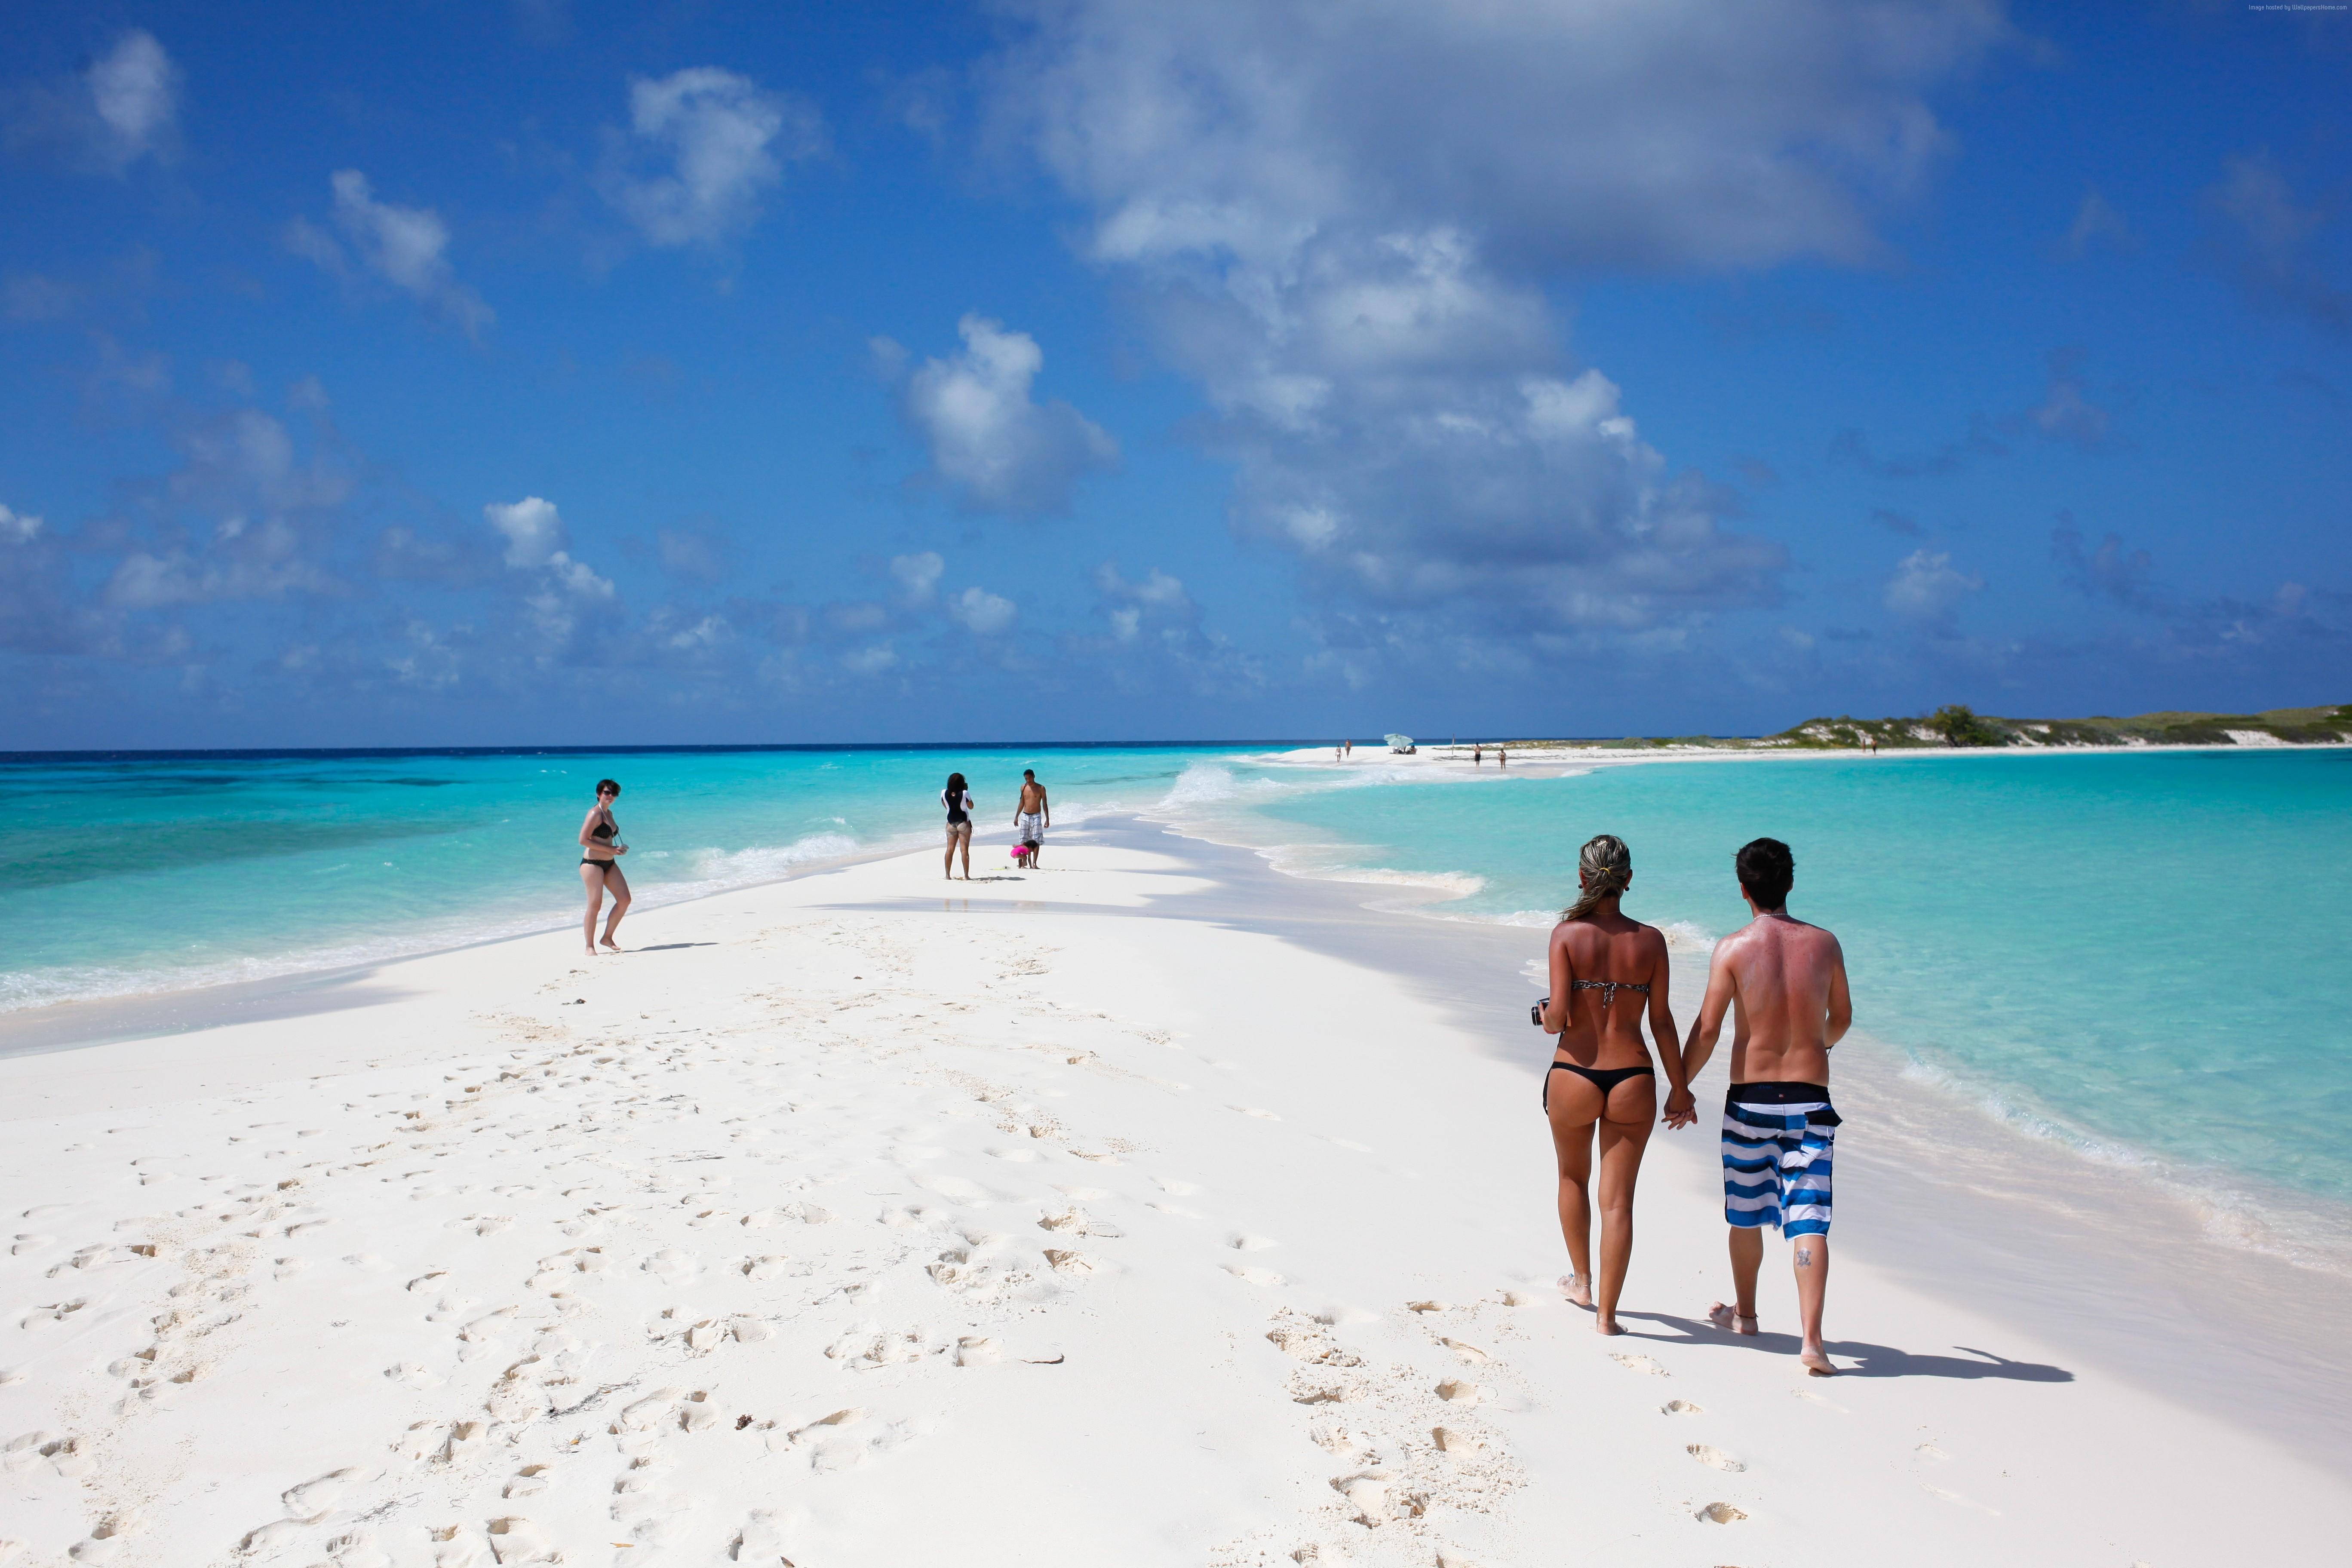 People 5470x3647 landscape nature clouds sea women Venezuela beach couple bikini ass